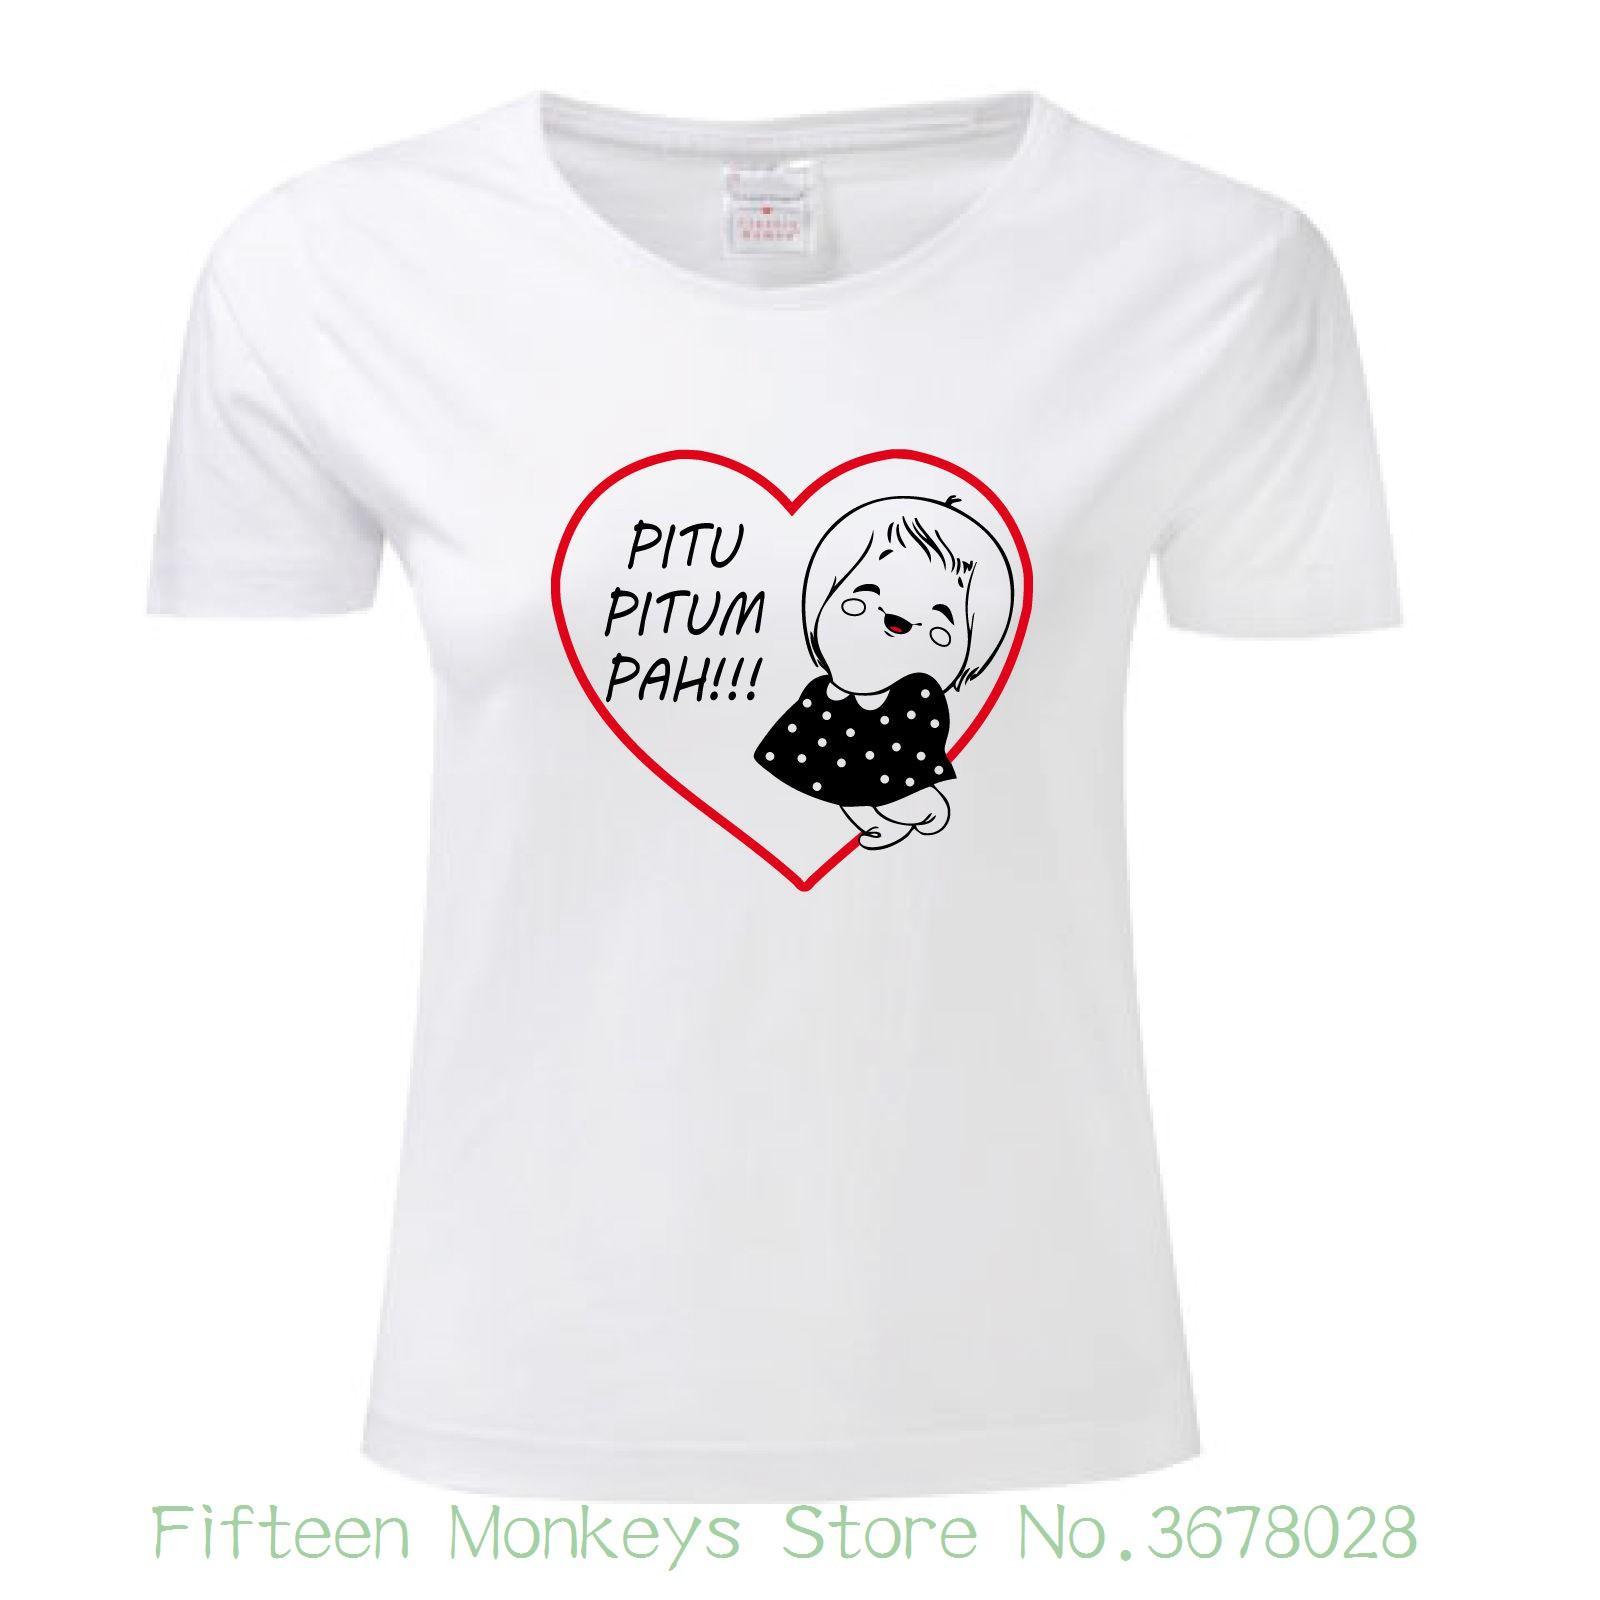 47deea1178016 Women'S Tee T Shirt Susanna Pitu Pitum Pah Tutta Panna Mitica Maglietta  Maglia Donna Woman Fashion Slim Women Funny Brand T Sirt T Shirt Sites From  ...